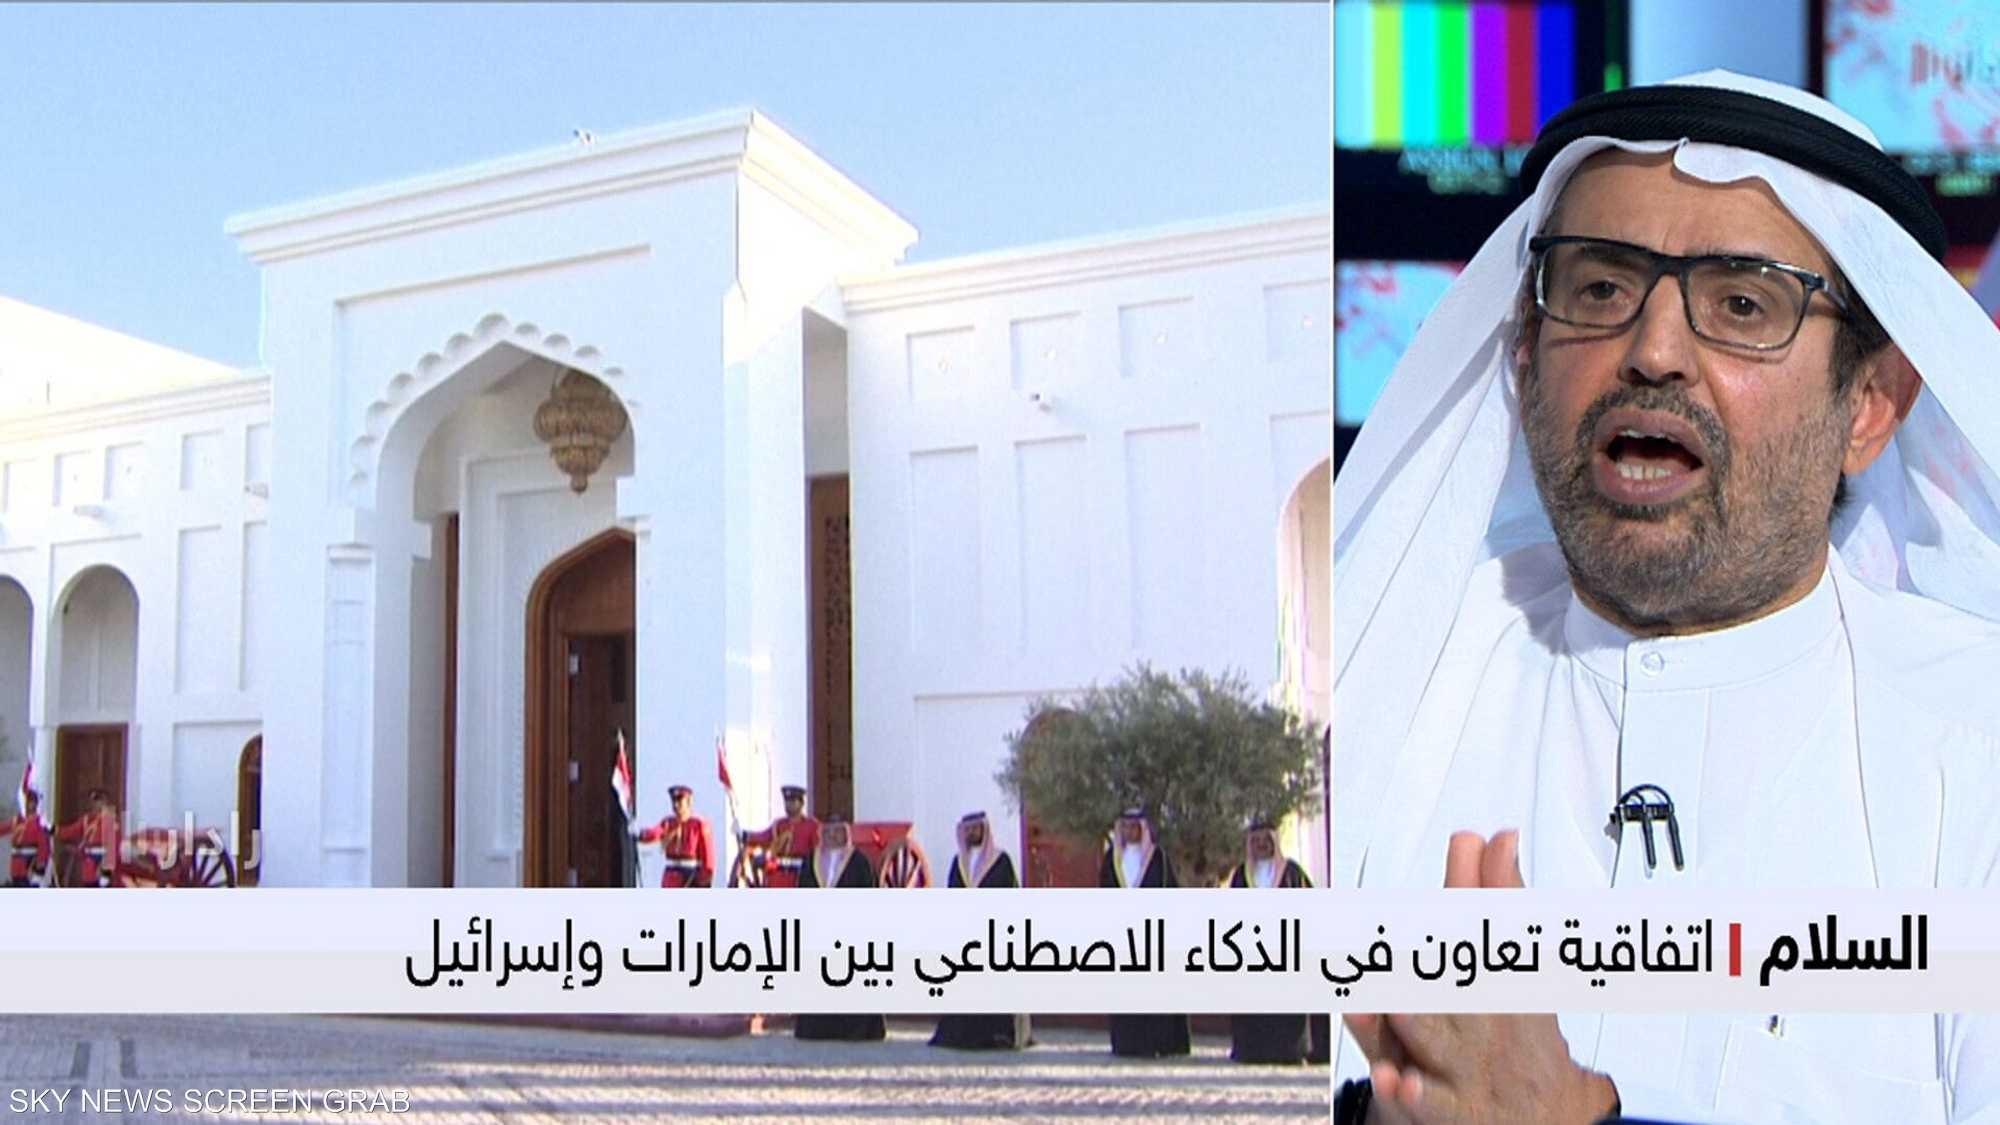 نتنياهو: السلام مع الإمارات والبحرين اقتصادي وسياسي